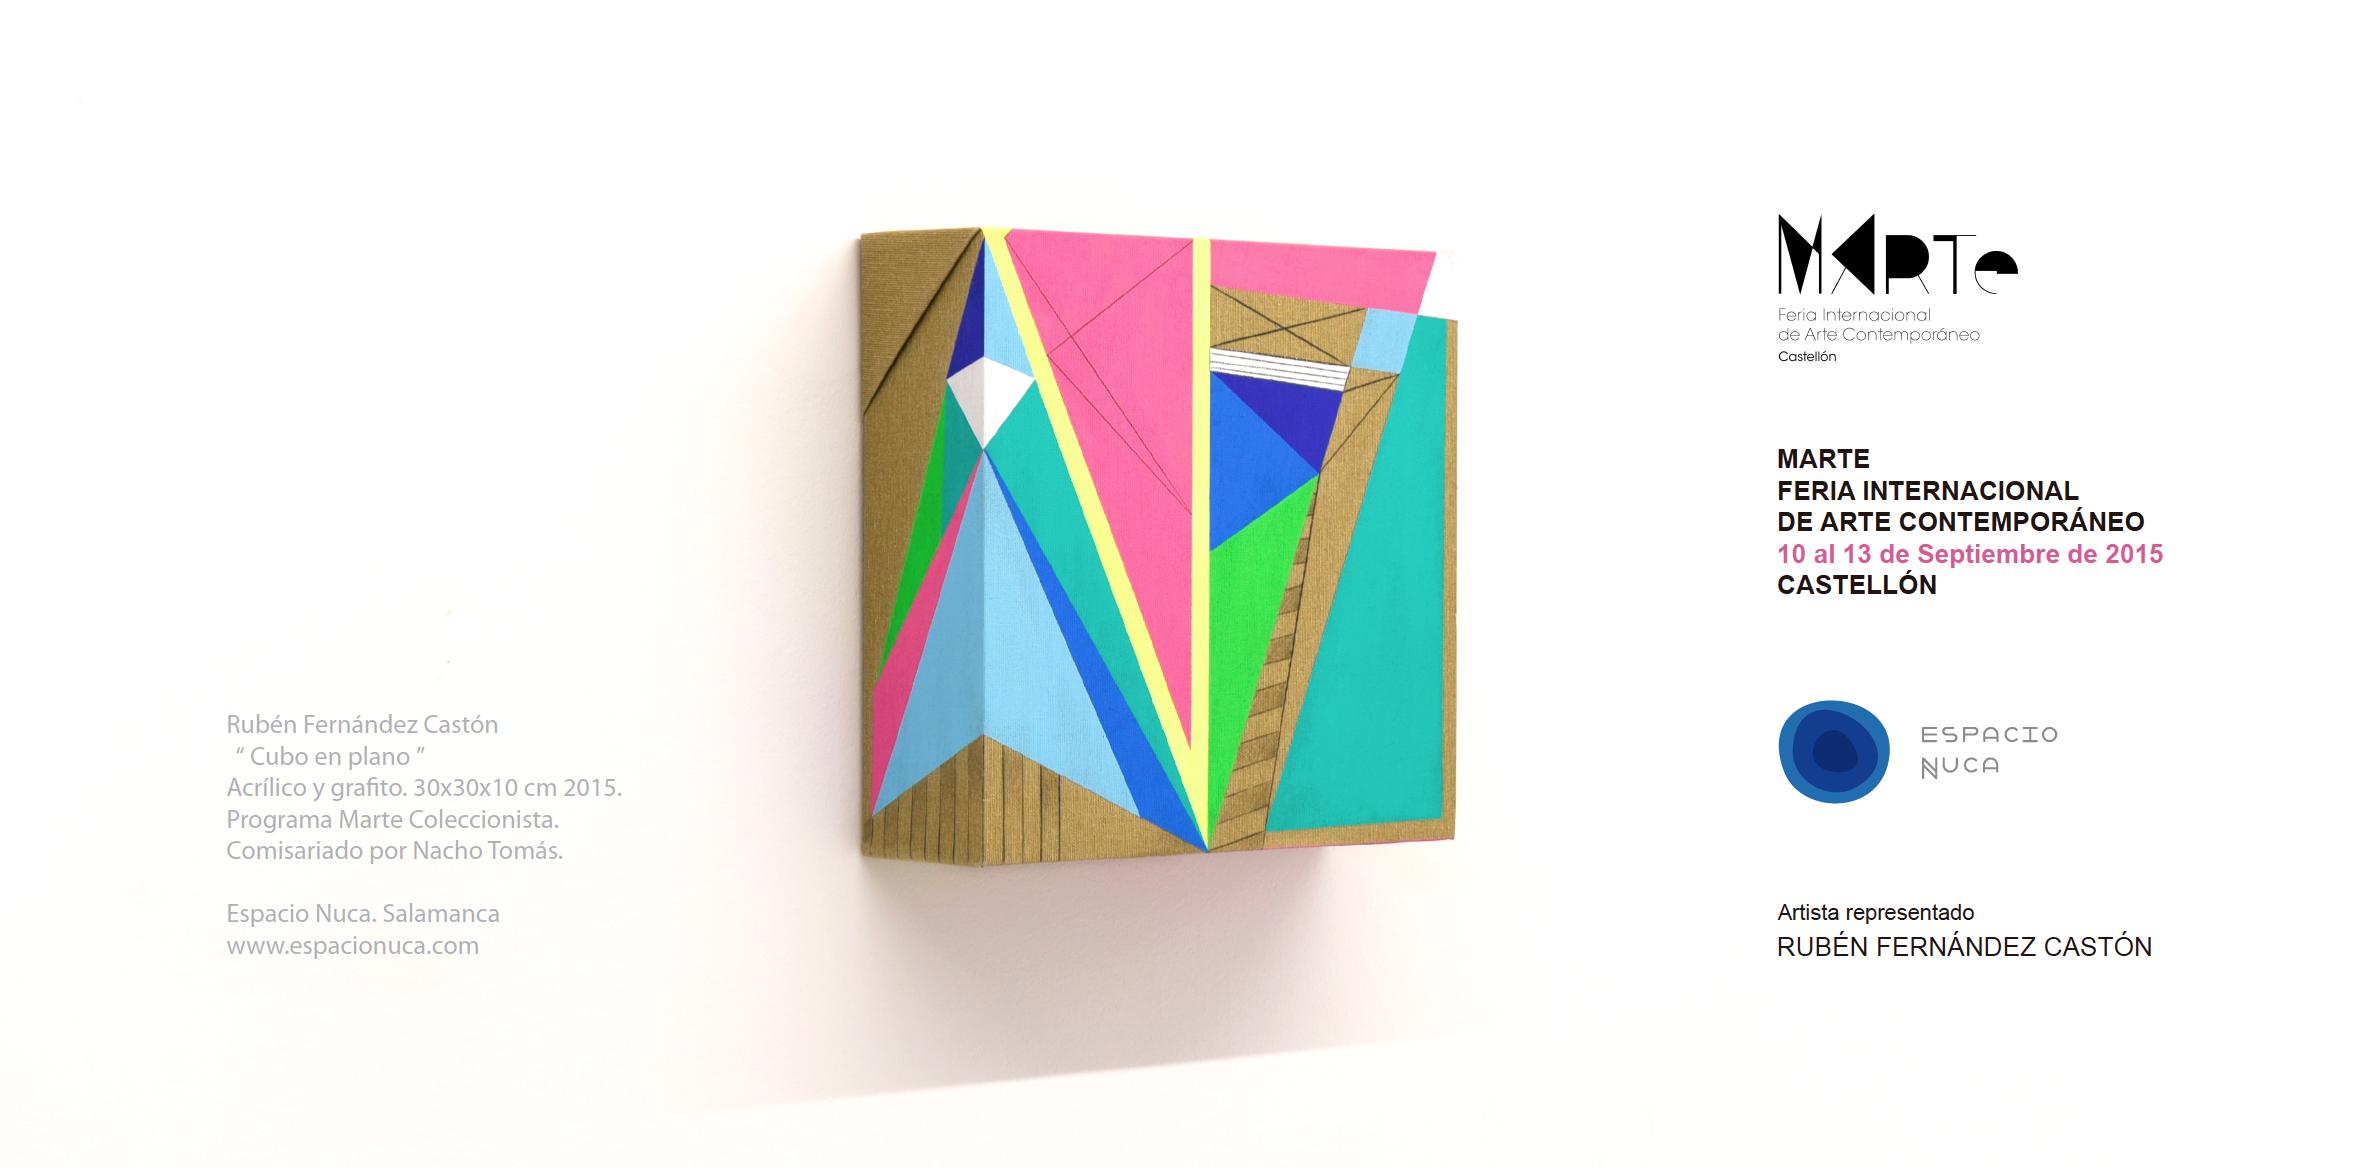 Espacio Nuca Eduardo Nuca ferias exposiciones eventos exhibiciones galería arte artístico artistas conceptual